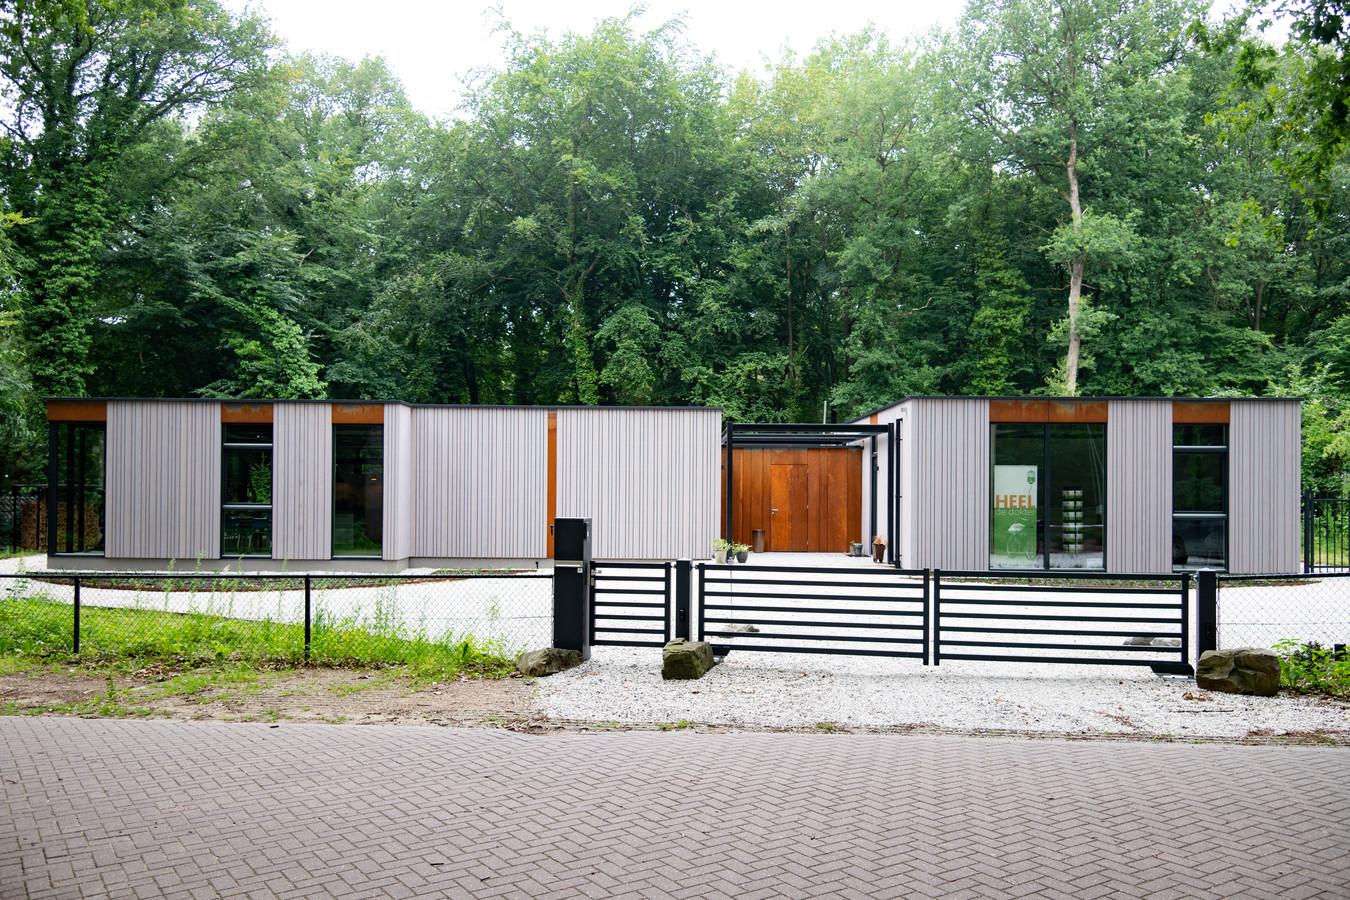 PR dgfoto Gelderlander Nijmegen: Er is discussie ontstaan over de grondprijs van een duurzame woning aan de Bosweg in Nijmegen. [TREFWOORDEN: DUURZAAM, HUIS, WOONBESTEMMING, RECREATIE]